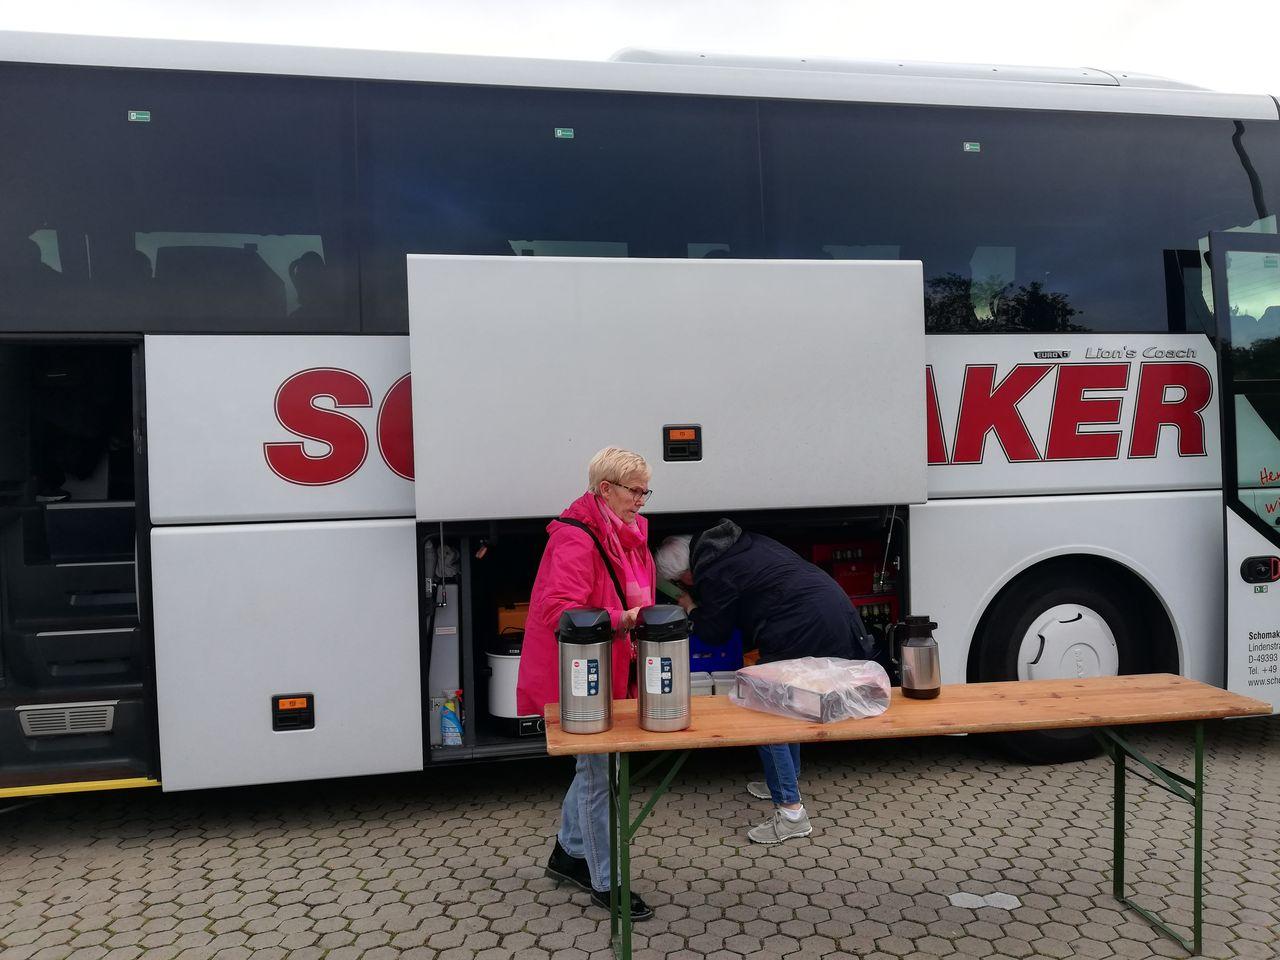 kopenhagen_2019-10-10_09-26-27